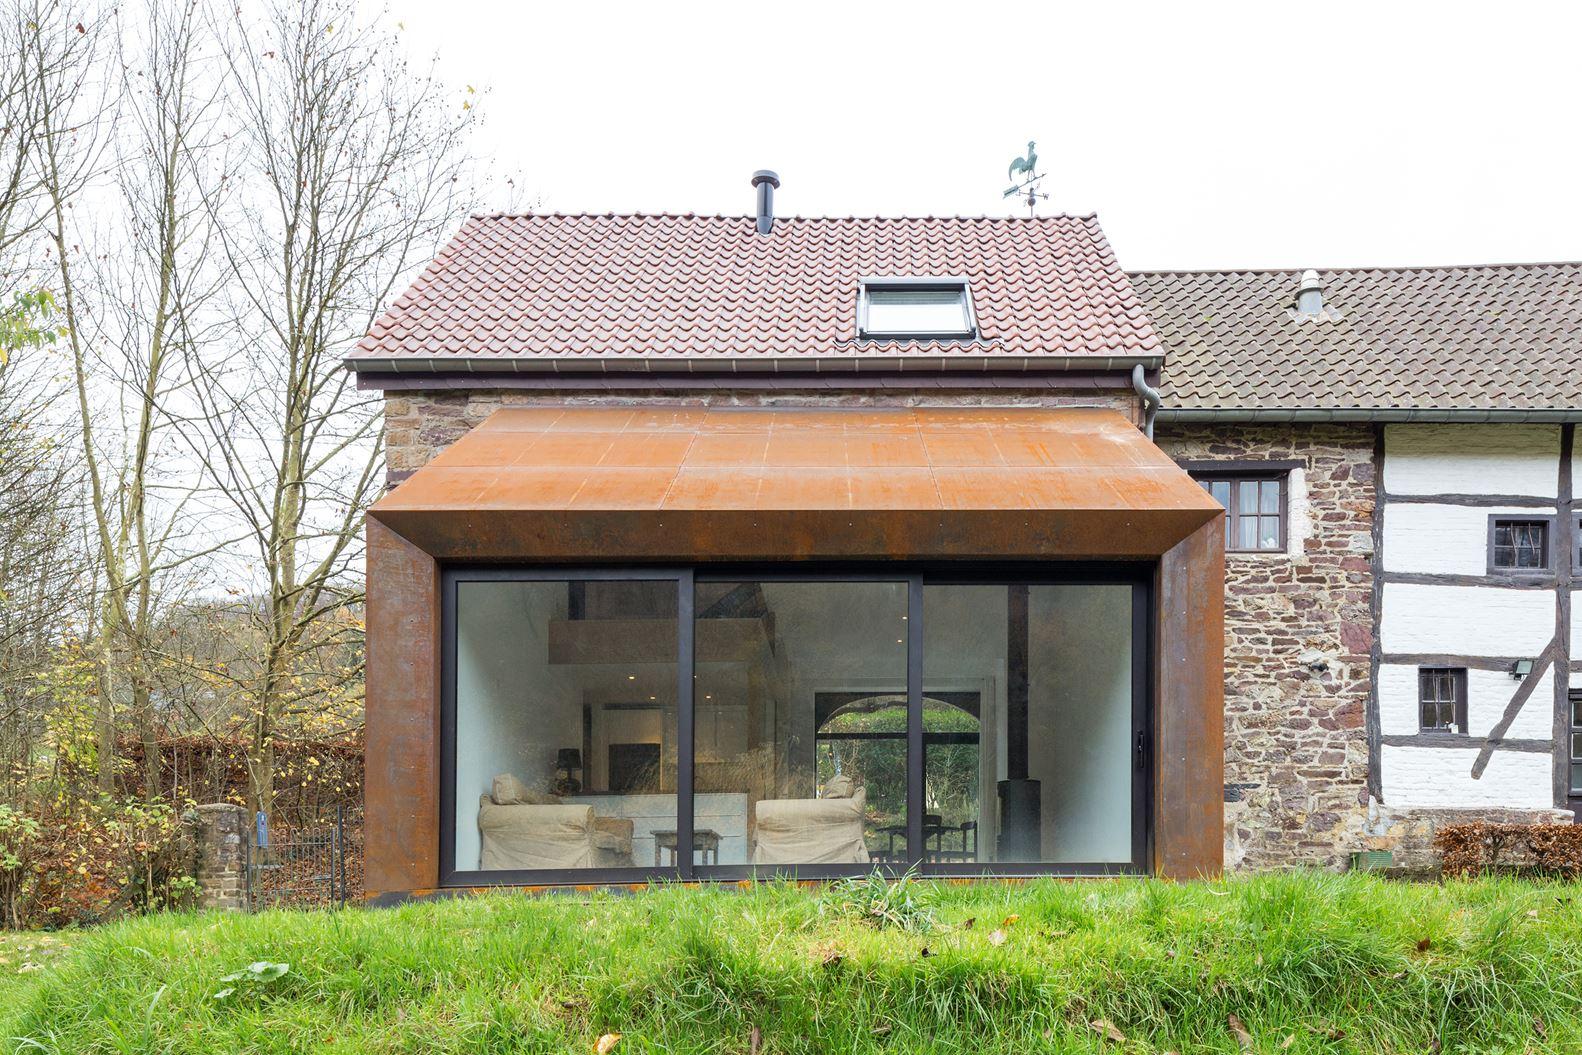 Ristrutturazione e ampliamento di una casa rustica for Piani di casa vacanza rustica